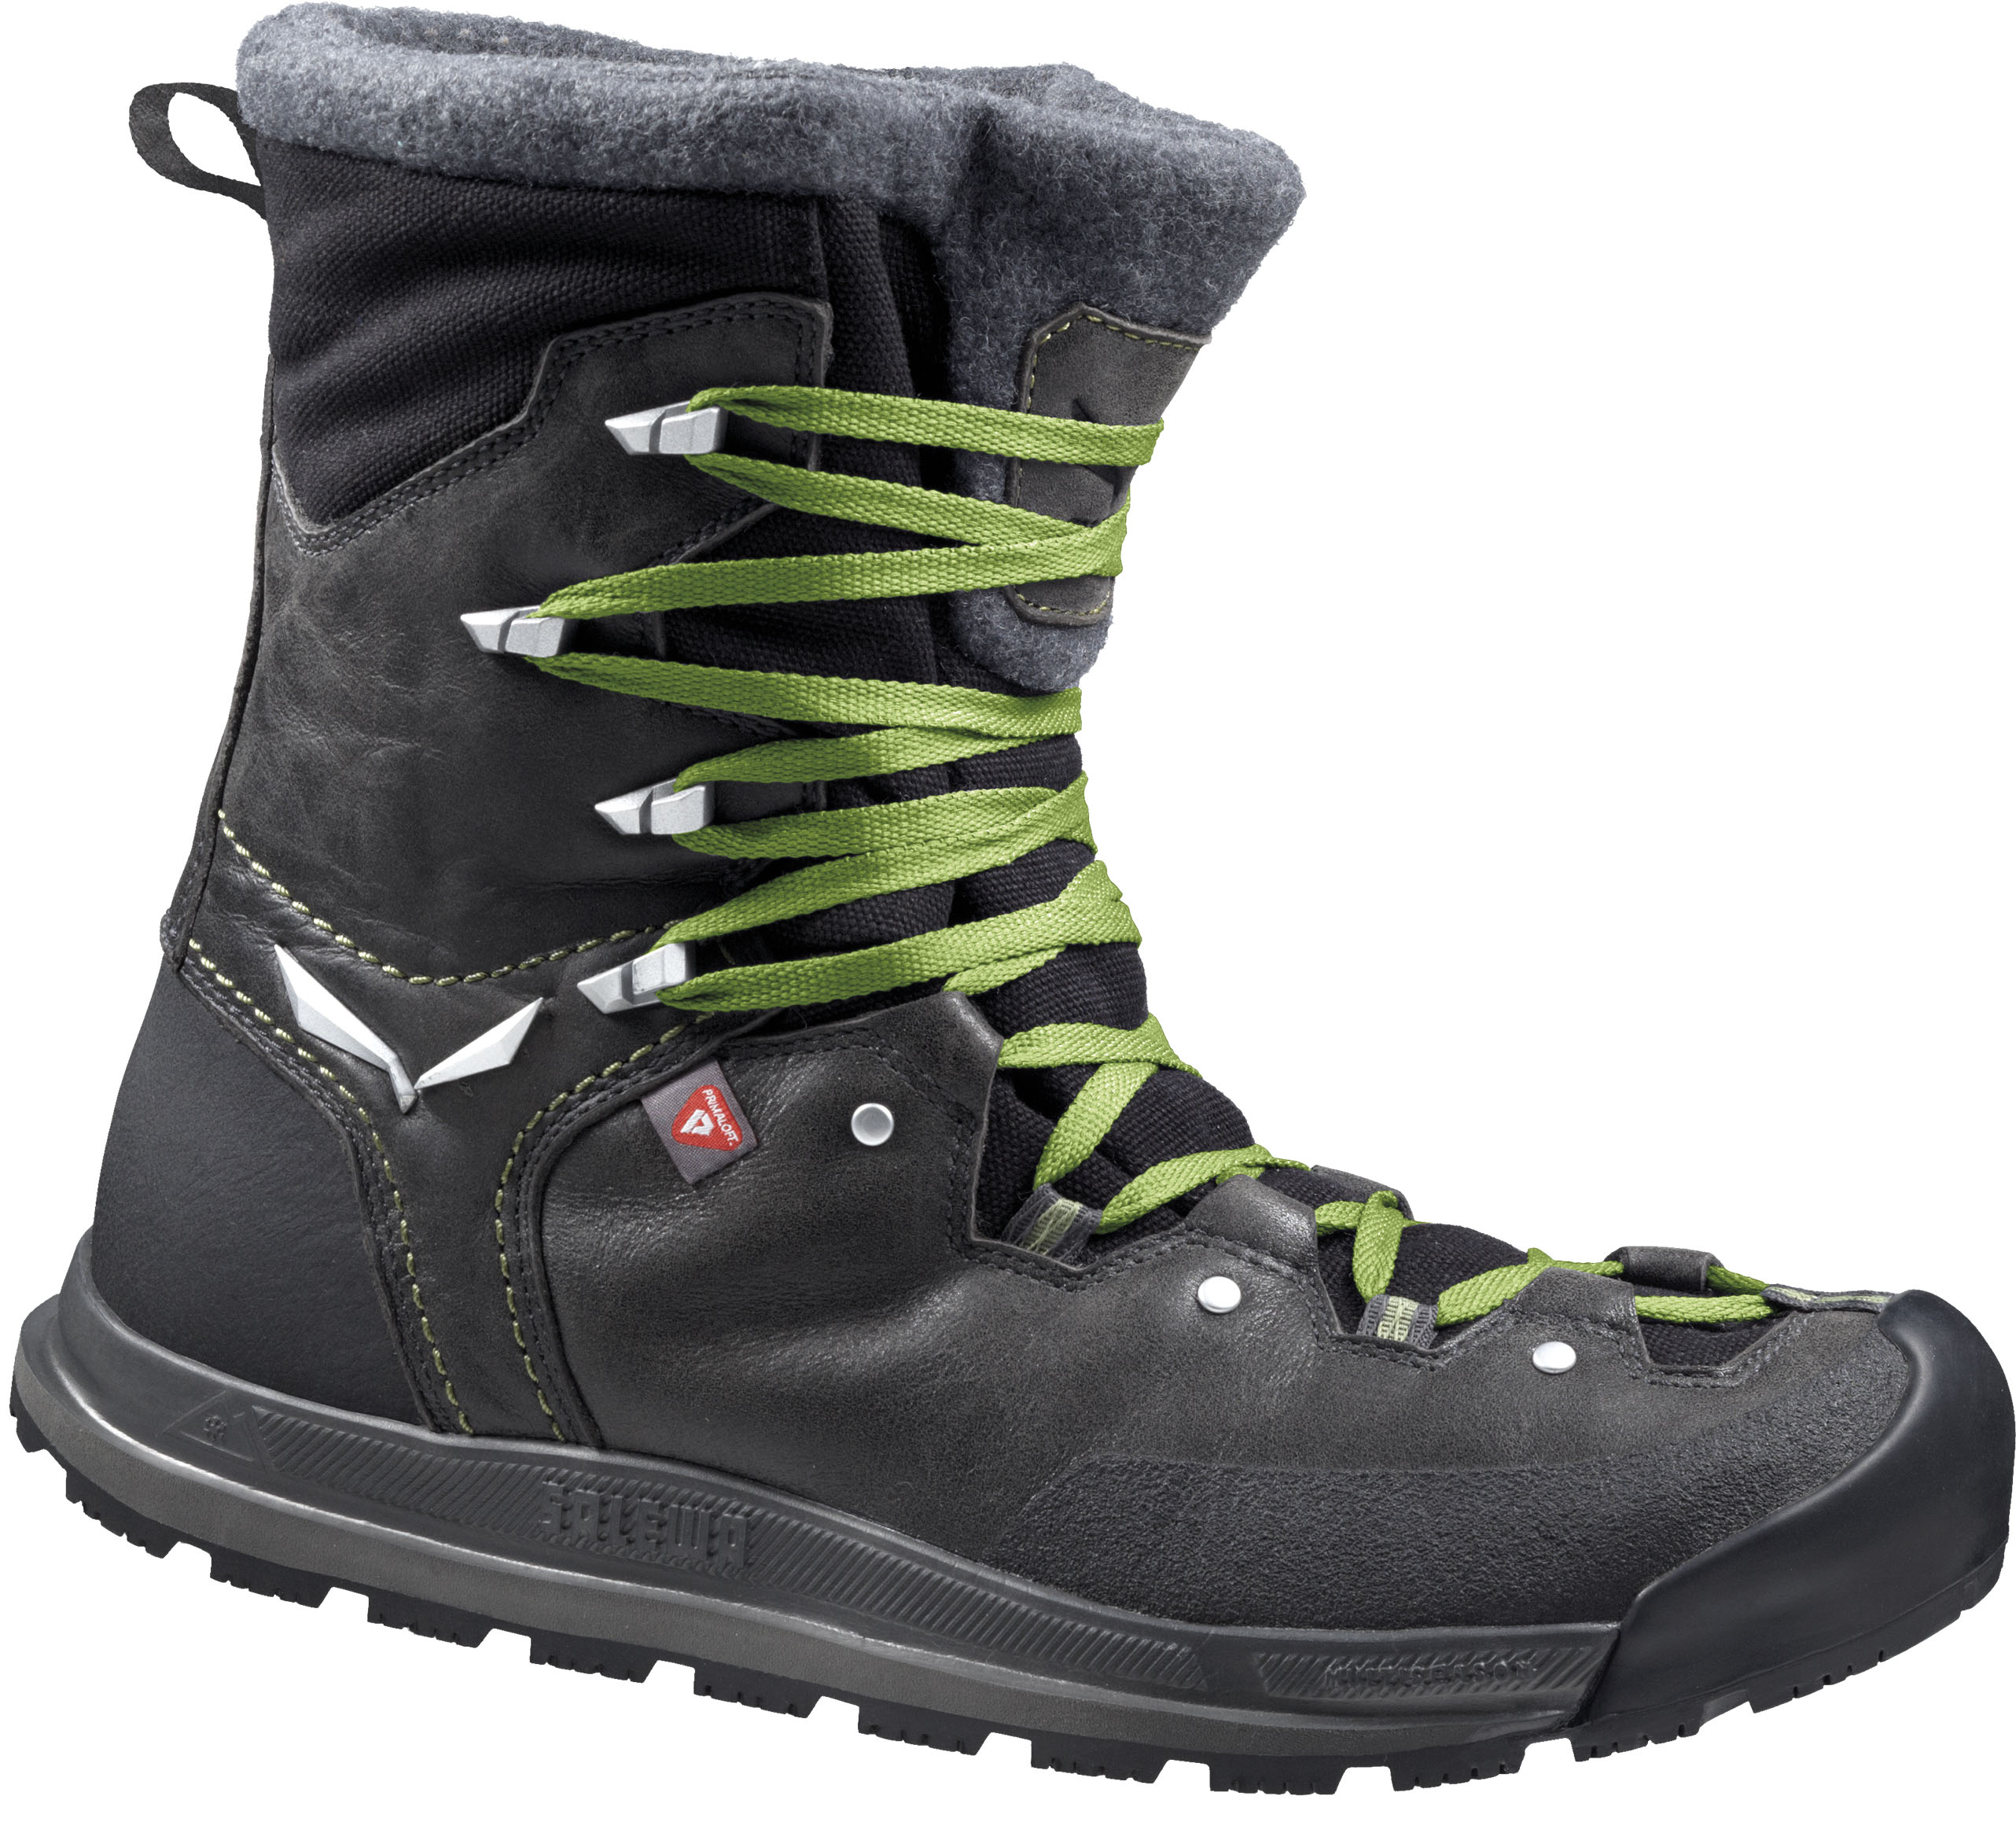 Ботинки городские (высокие) Salewa 2017-18 MS SNOWCAP WP Carbon Зимняя обувь 1205742  - купить со скидкой